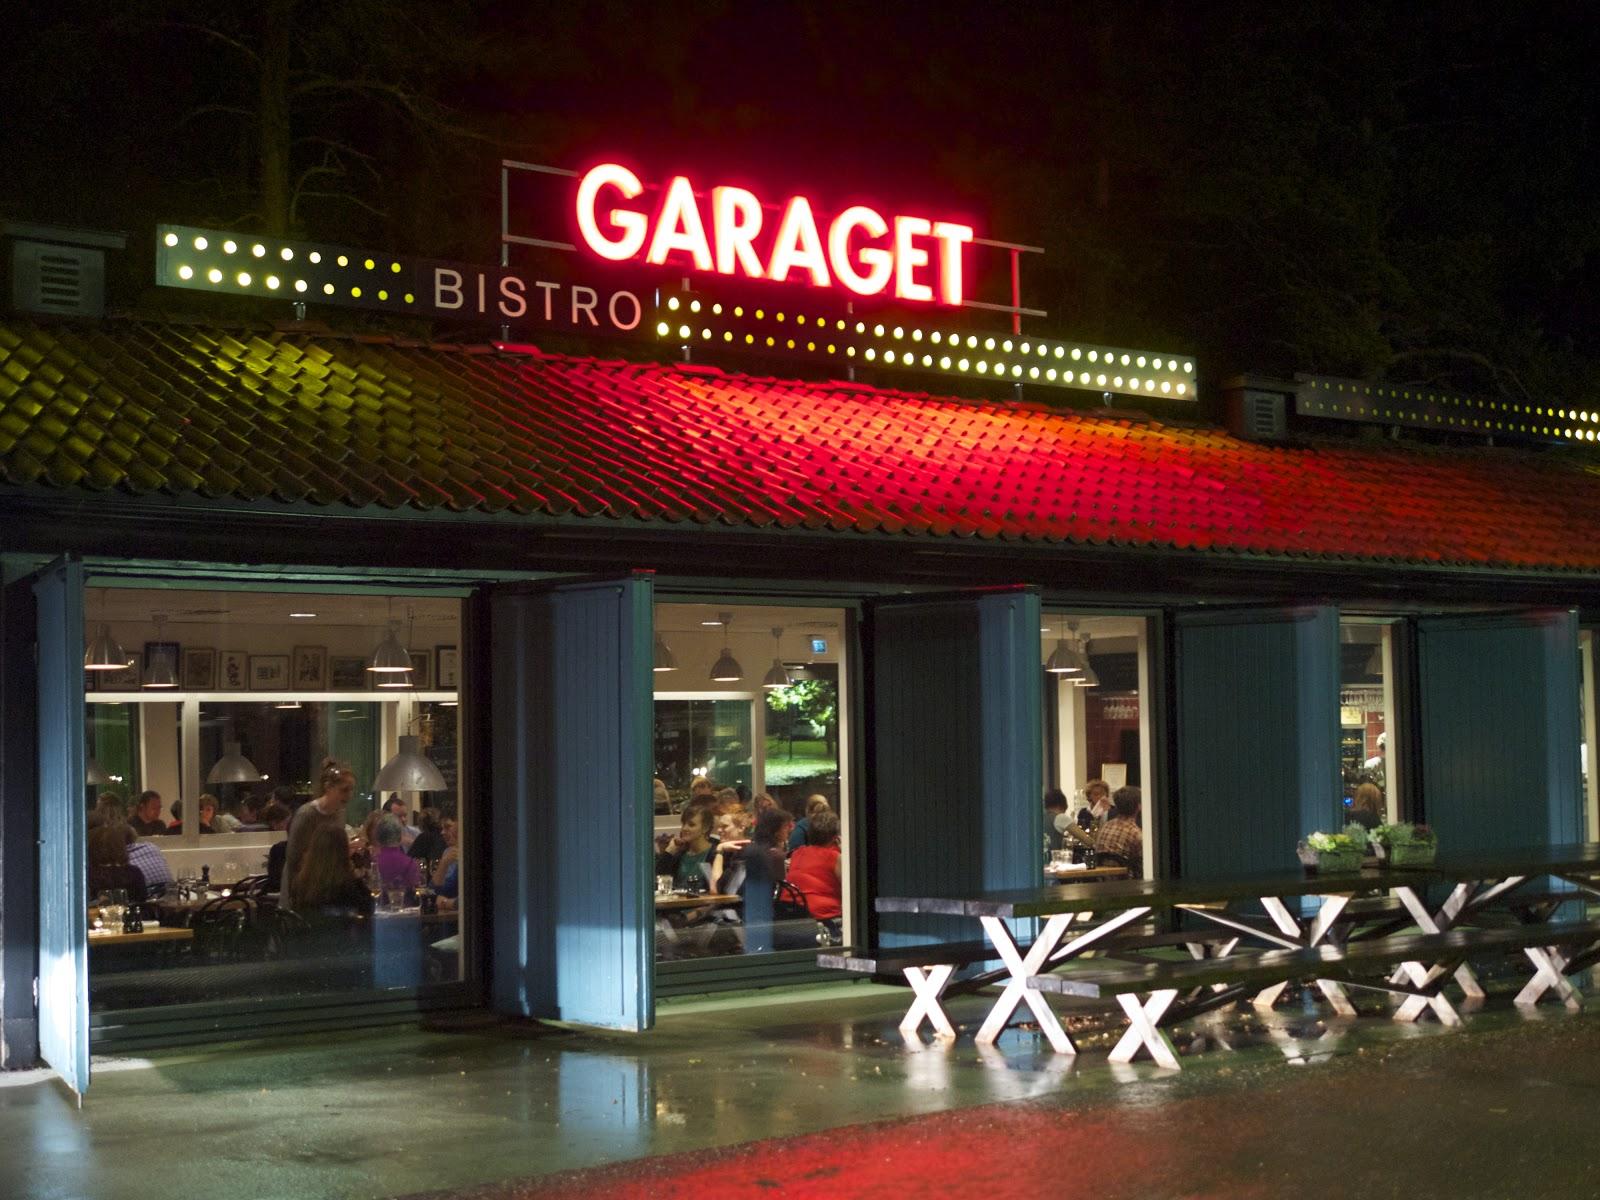 Restaurant Le Garage : Bistro le garage duÅ